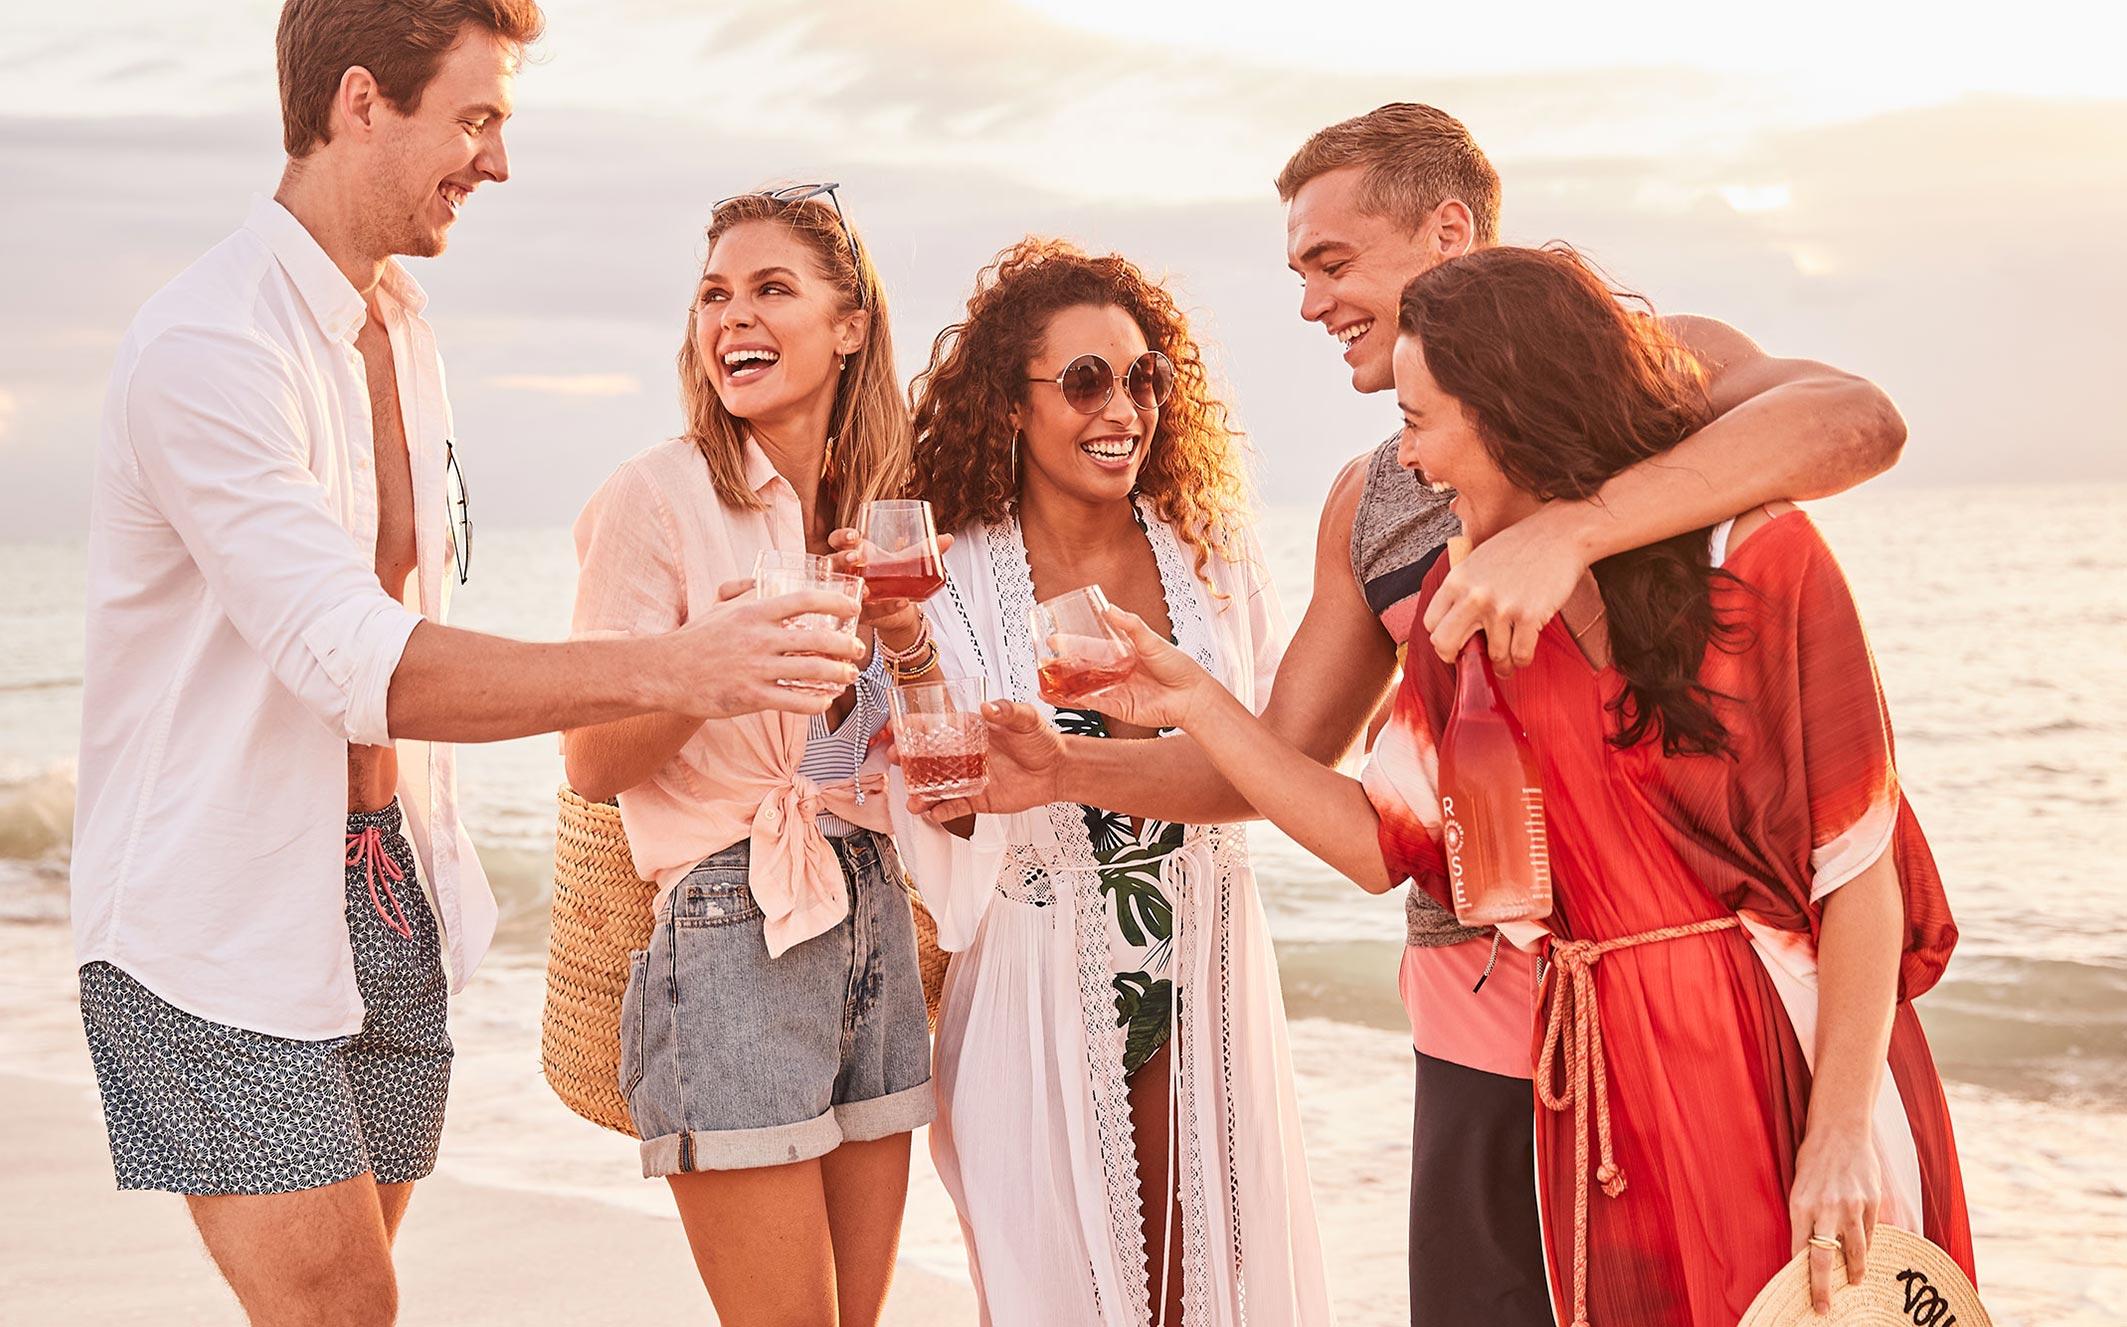 рекламная кампания вина Sunseeker Rose / фото 18